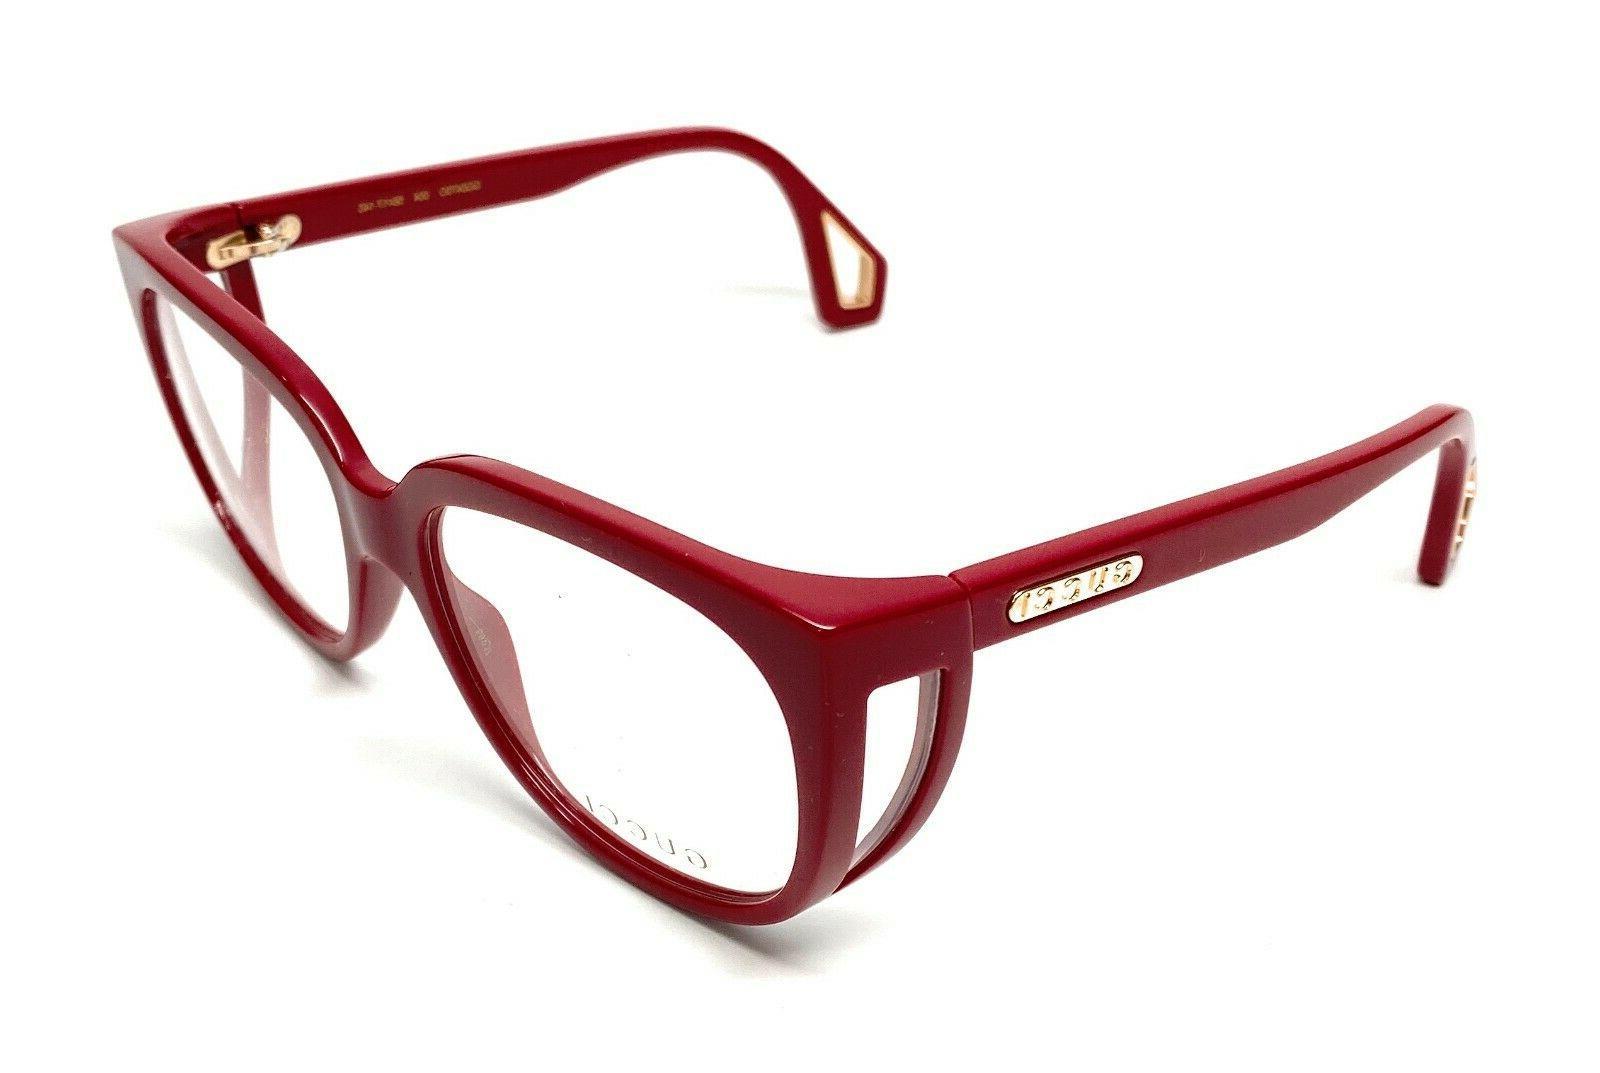 New GG 004 Burgundy Women's Eyeglasses Frame